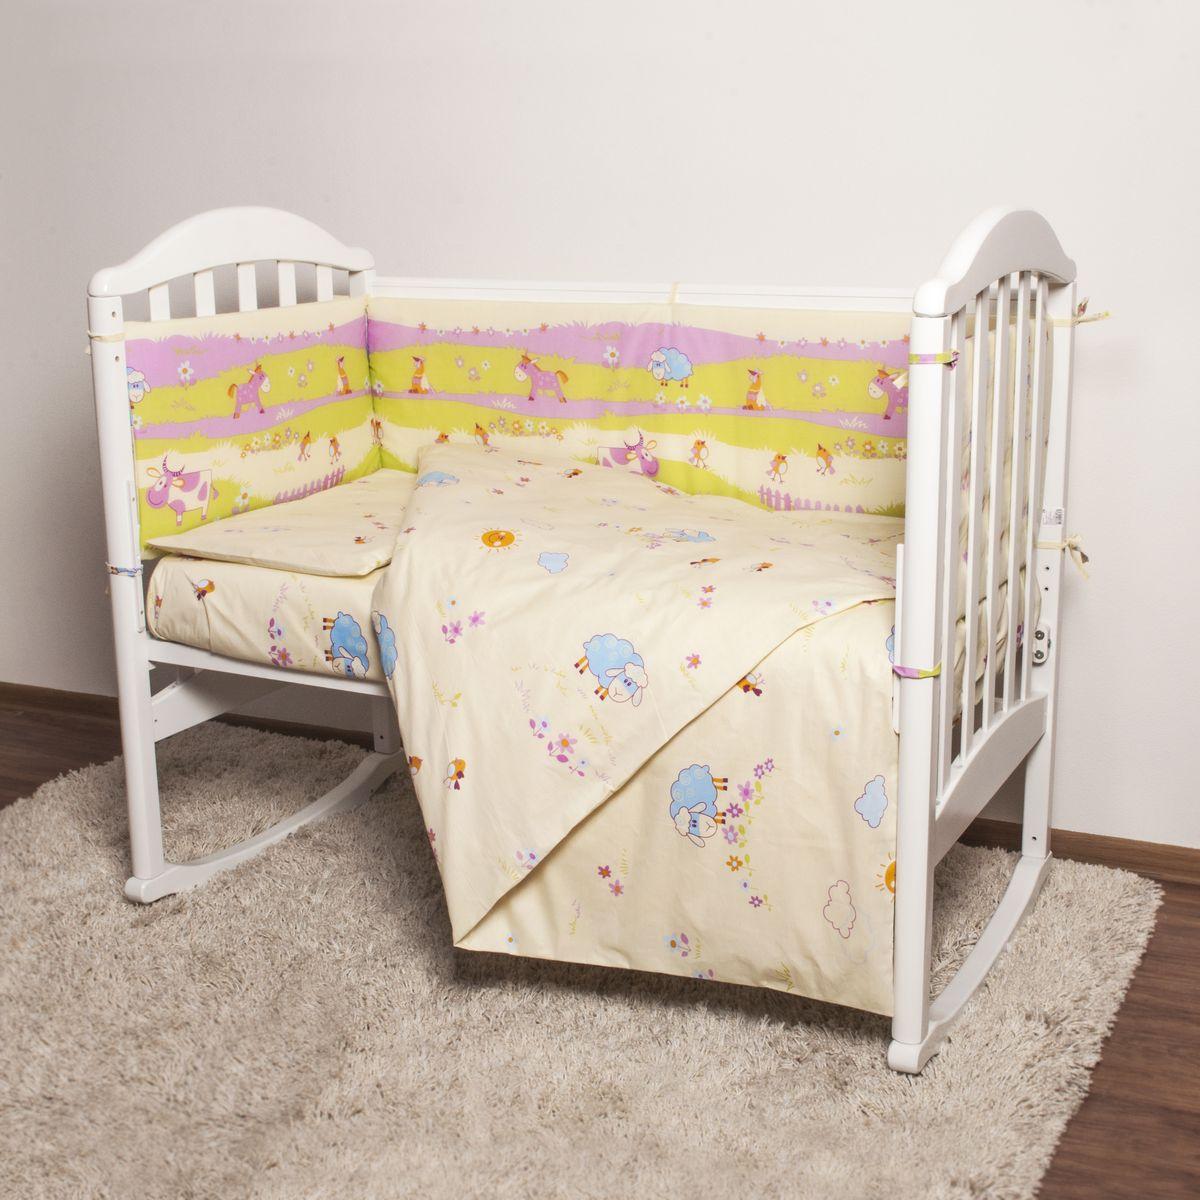 Baby Nice Детский комплект в кроватку Ферма (КПБ, бязь, наволочка 40х60), цвет: розовый521104Комплект в кроватку Baby Nice Ферма для самых маленьких изготовлен только из самой качественной ткани, самой безопасной и гигиеничной, самой экологичной и гипоаллергенной. Отлично подходит для кроваток малышей, которые часто двигаются во сне. Хлопковое волокно прекрасно переносит стирку, быстро сохнет и не требует особого ухода, не линяет и не вытягивается. Ткань прошла специальную обработку по умягчению, что сделало ее невероятно мягкой и приятной к телу. Комплект создаст дополнительный комфорт и уют ребенку. Родителям не составит особого труда ухаживать за комплектом. Он превосходно стирается, легко гладится. Ваш малыш будет в восторге от такого необыкновенного постельного набора! В комплект входит: одеяло, пододеяльник, подушка, наволочка, простыня, борт.